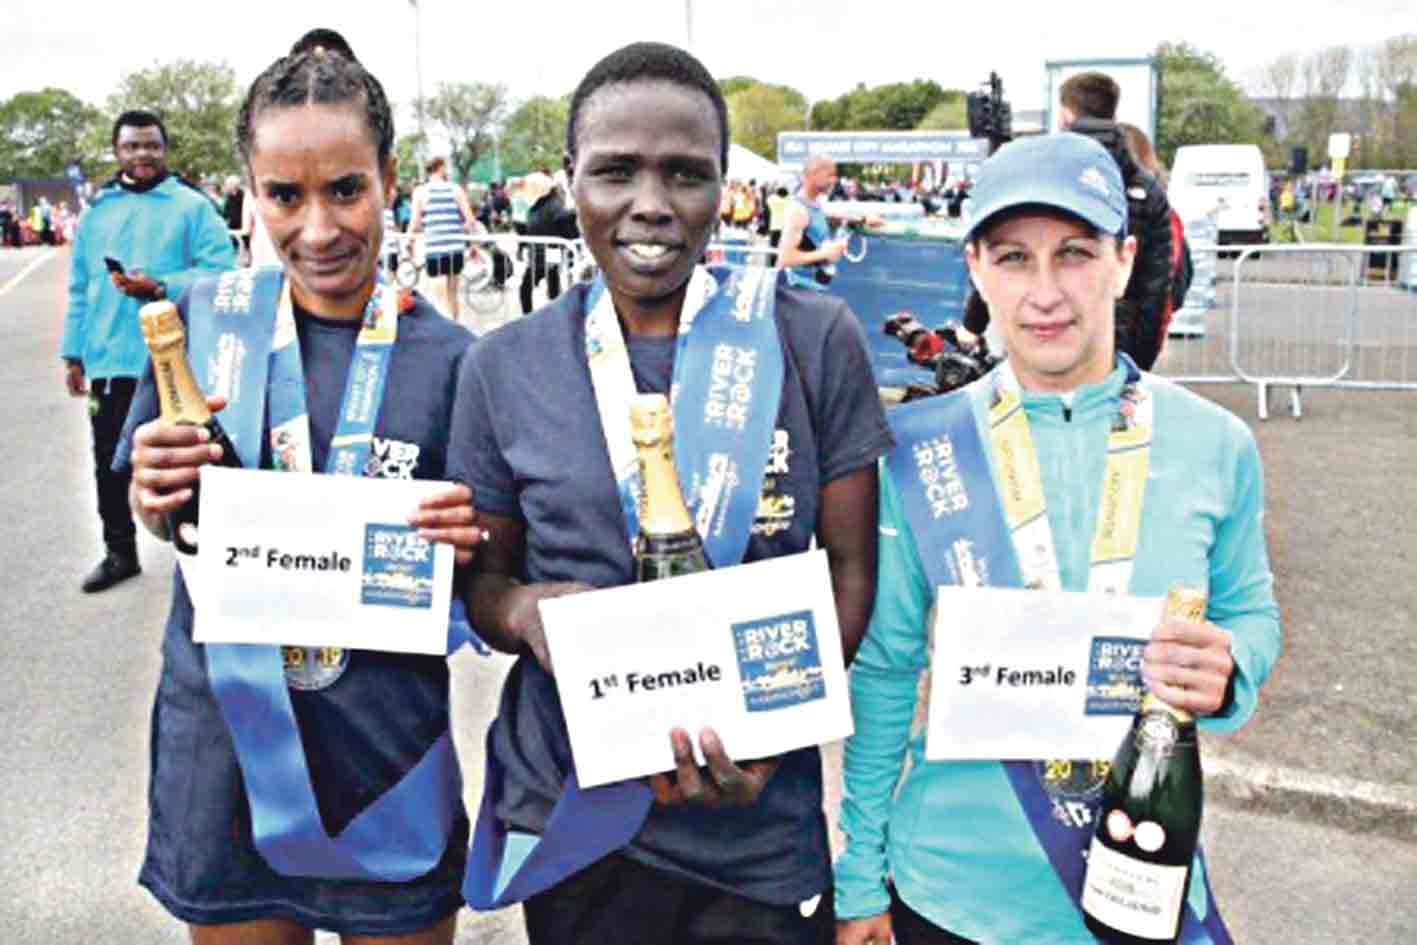 3-тє місце – у викладачки політеху – наша викладачка тріумфувала на престижному марафоні